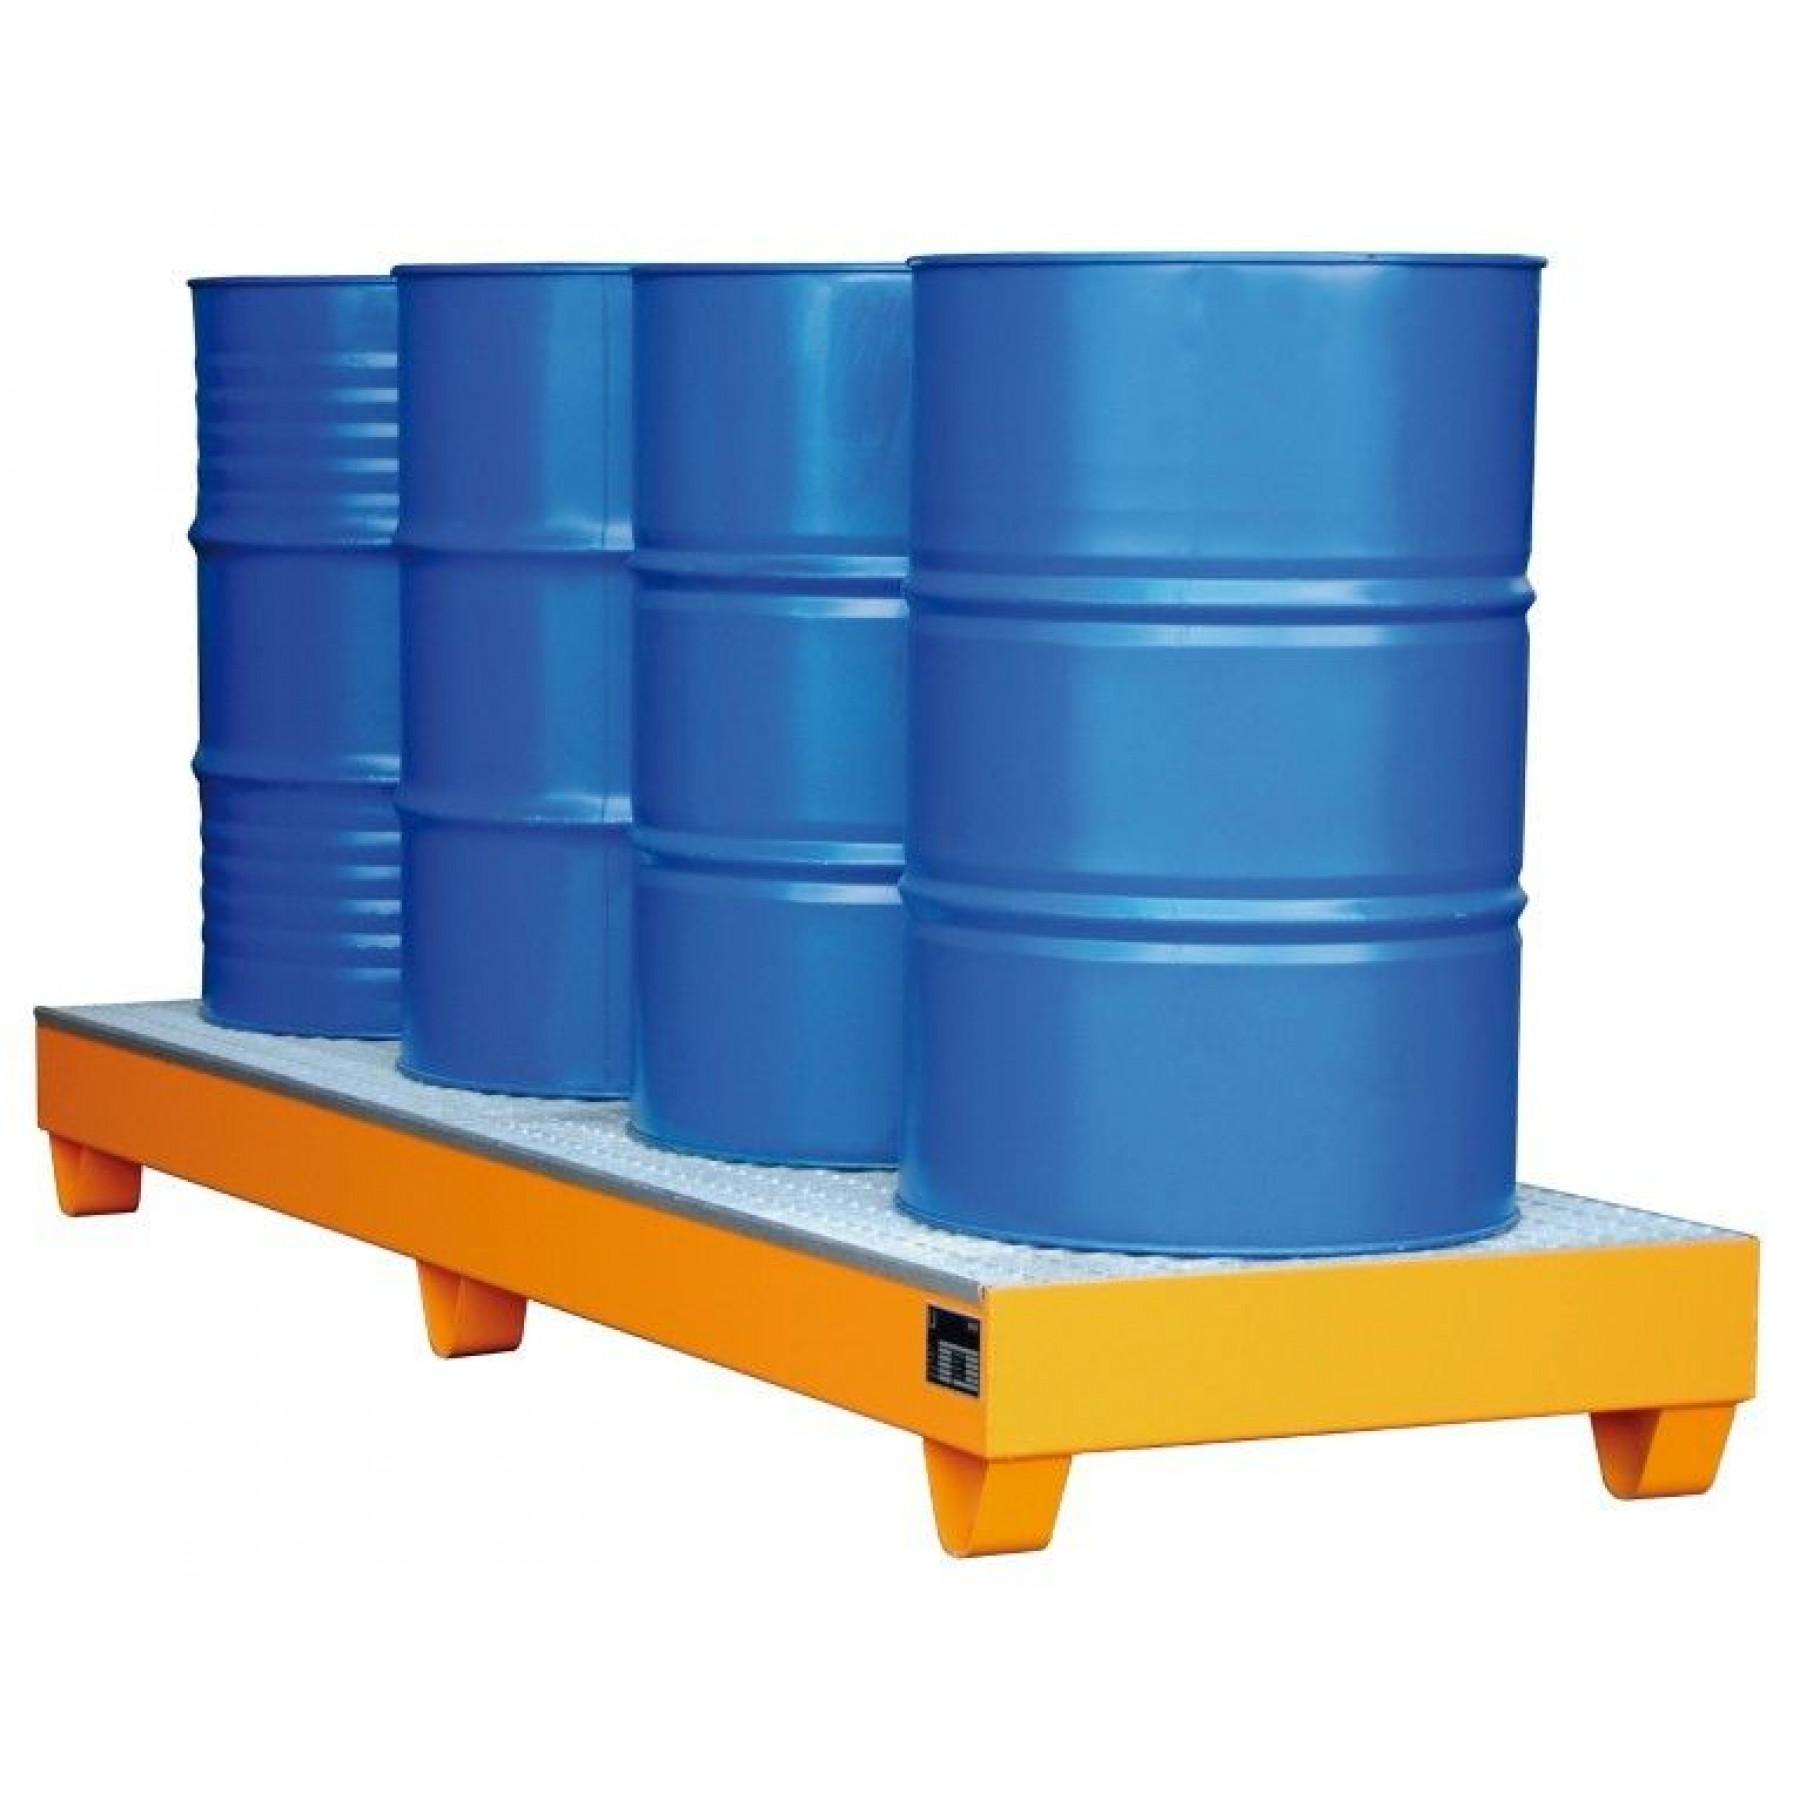 Vloeistofopvangbak voor 4 x 200 liter vat, 70049-2042-2000